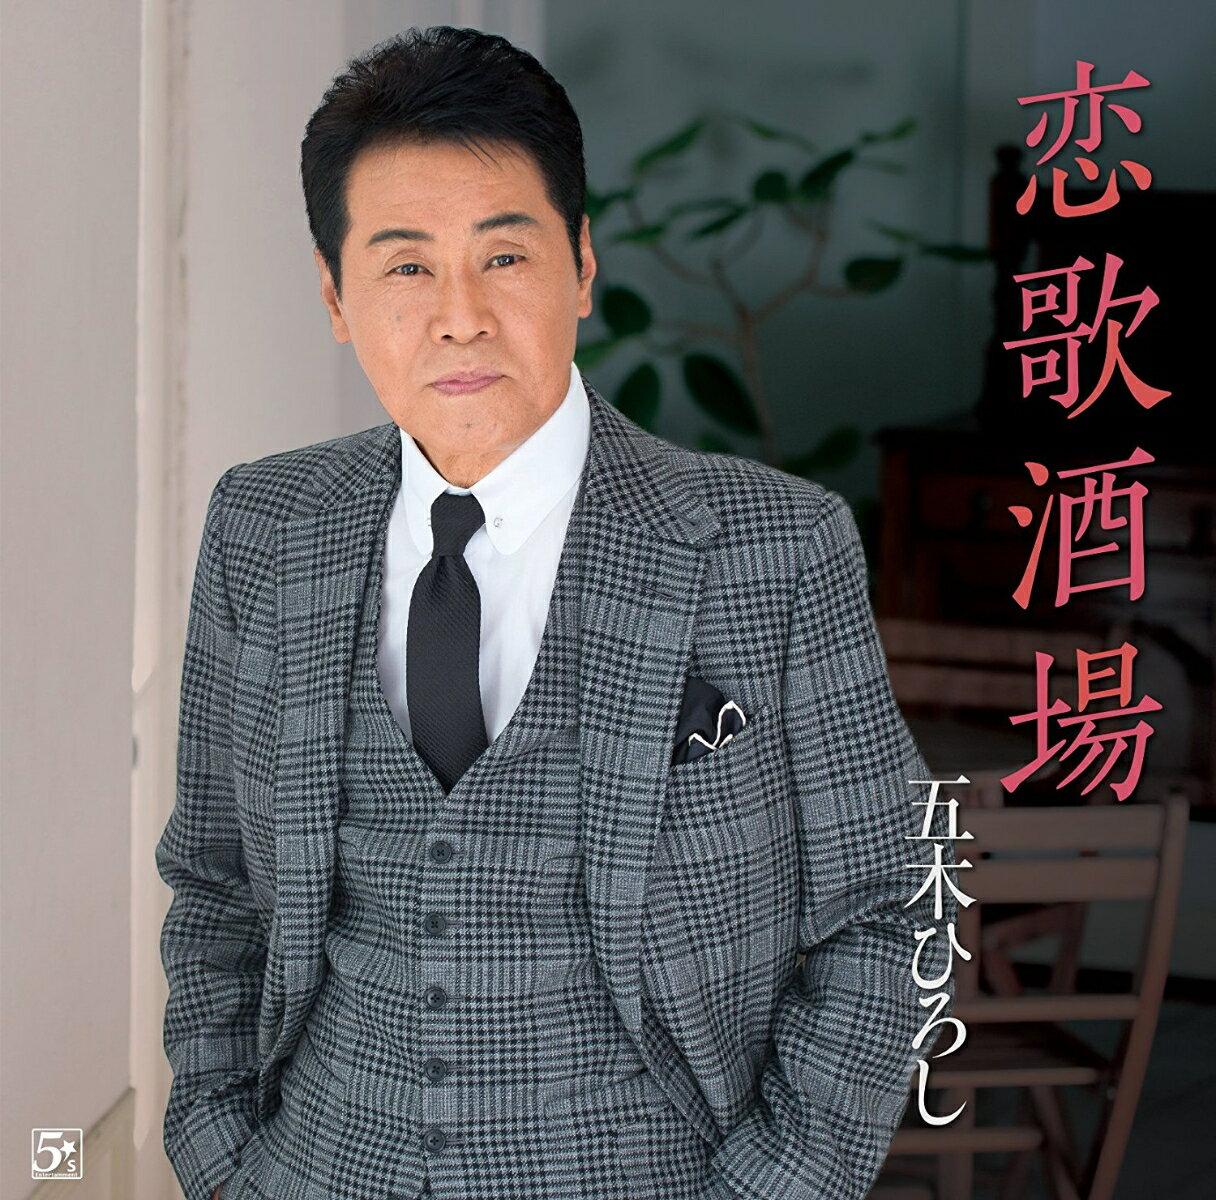 恋歌酒場/ほとめきの風 〜久留米より [ 五木ひろし ]